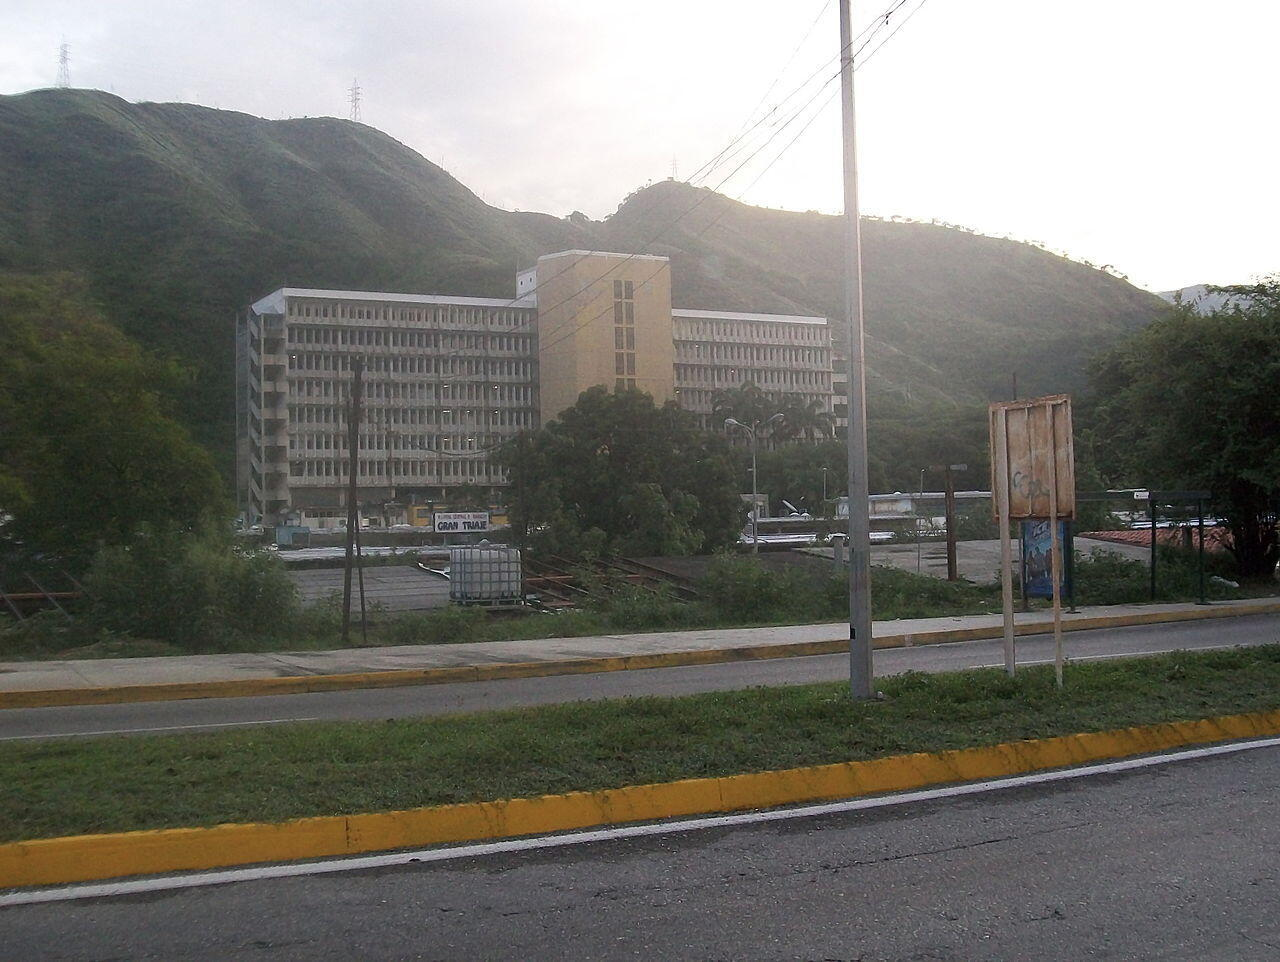 Faleceu neste domingo 14, no Hospital Central de Maracay, no estado venezuelano de Aragua, mais um paciente vítima de uma doença desconhecida.